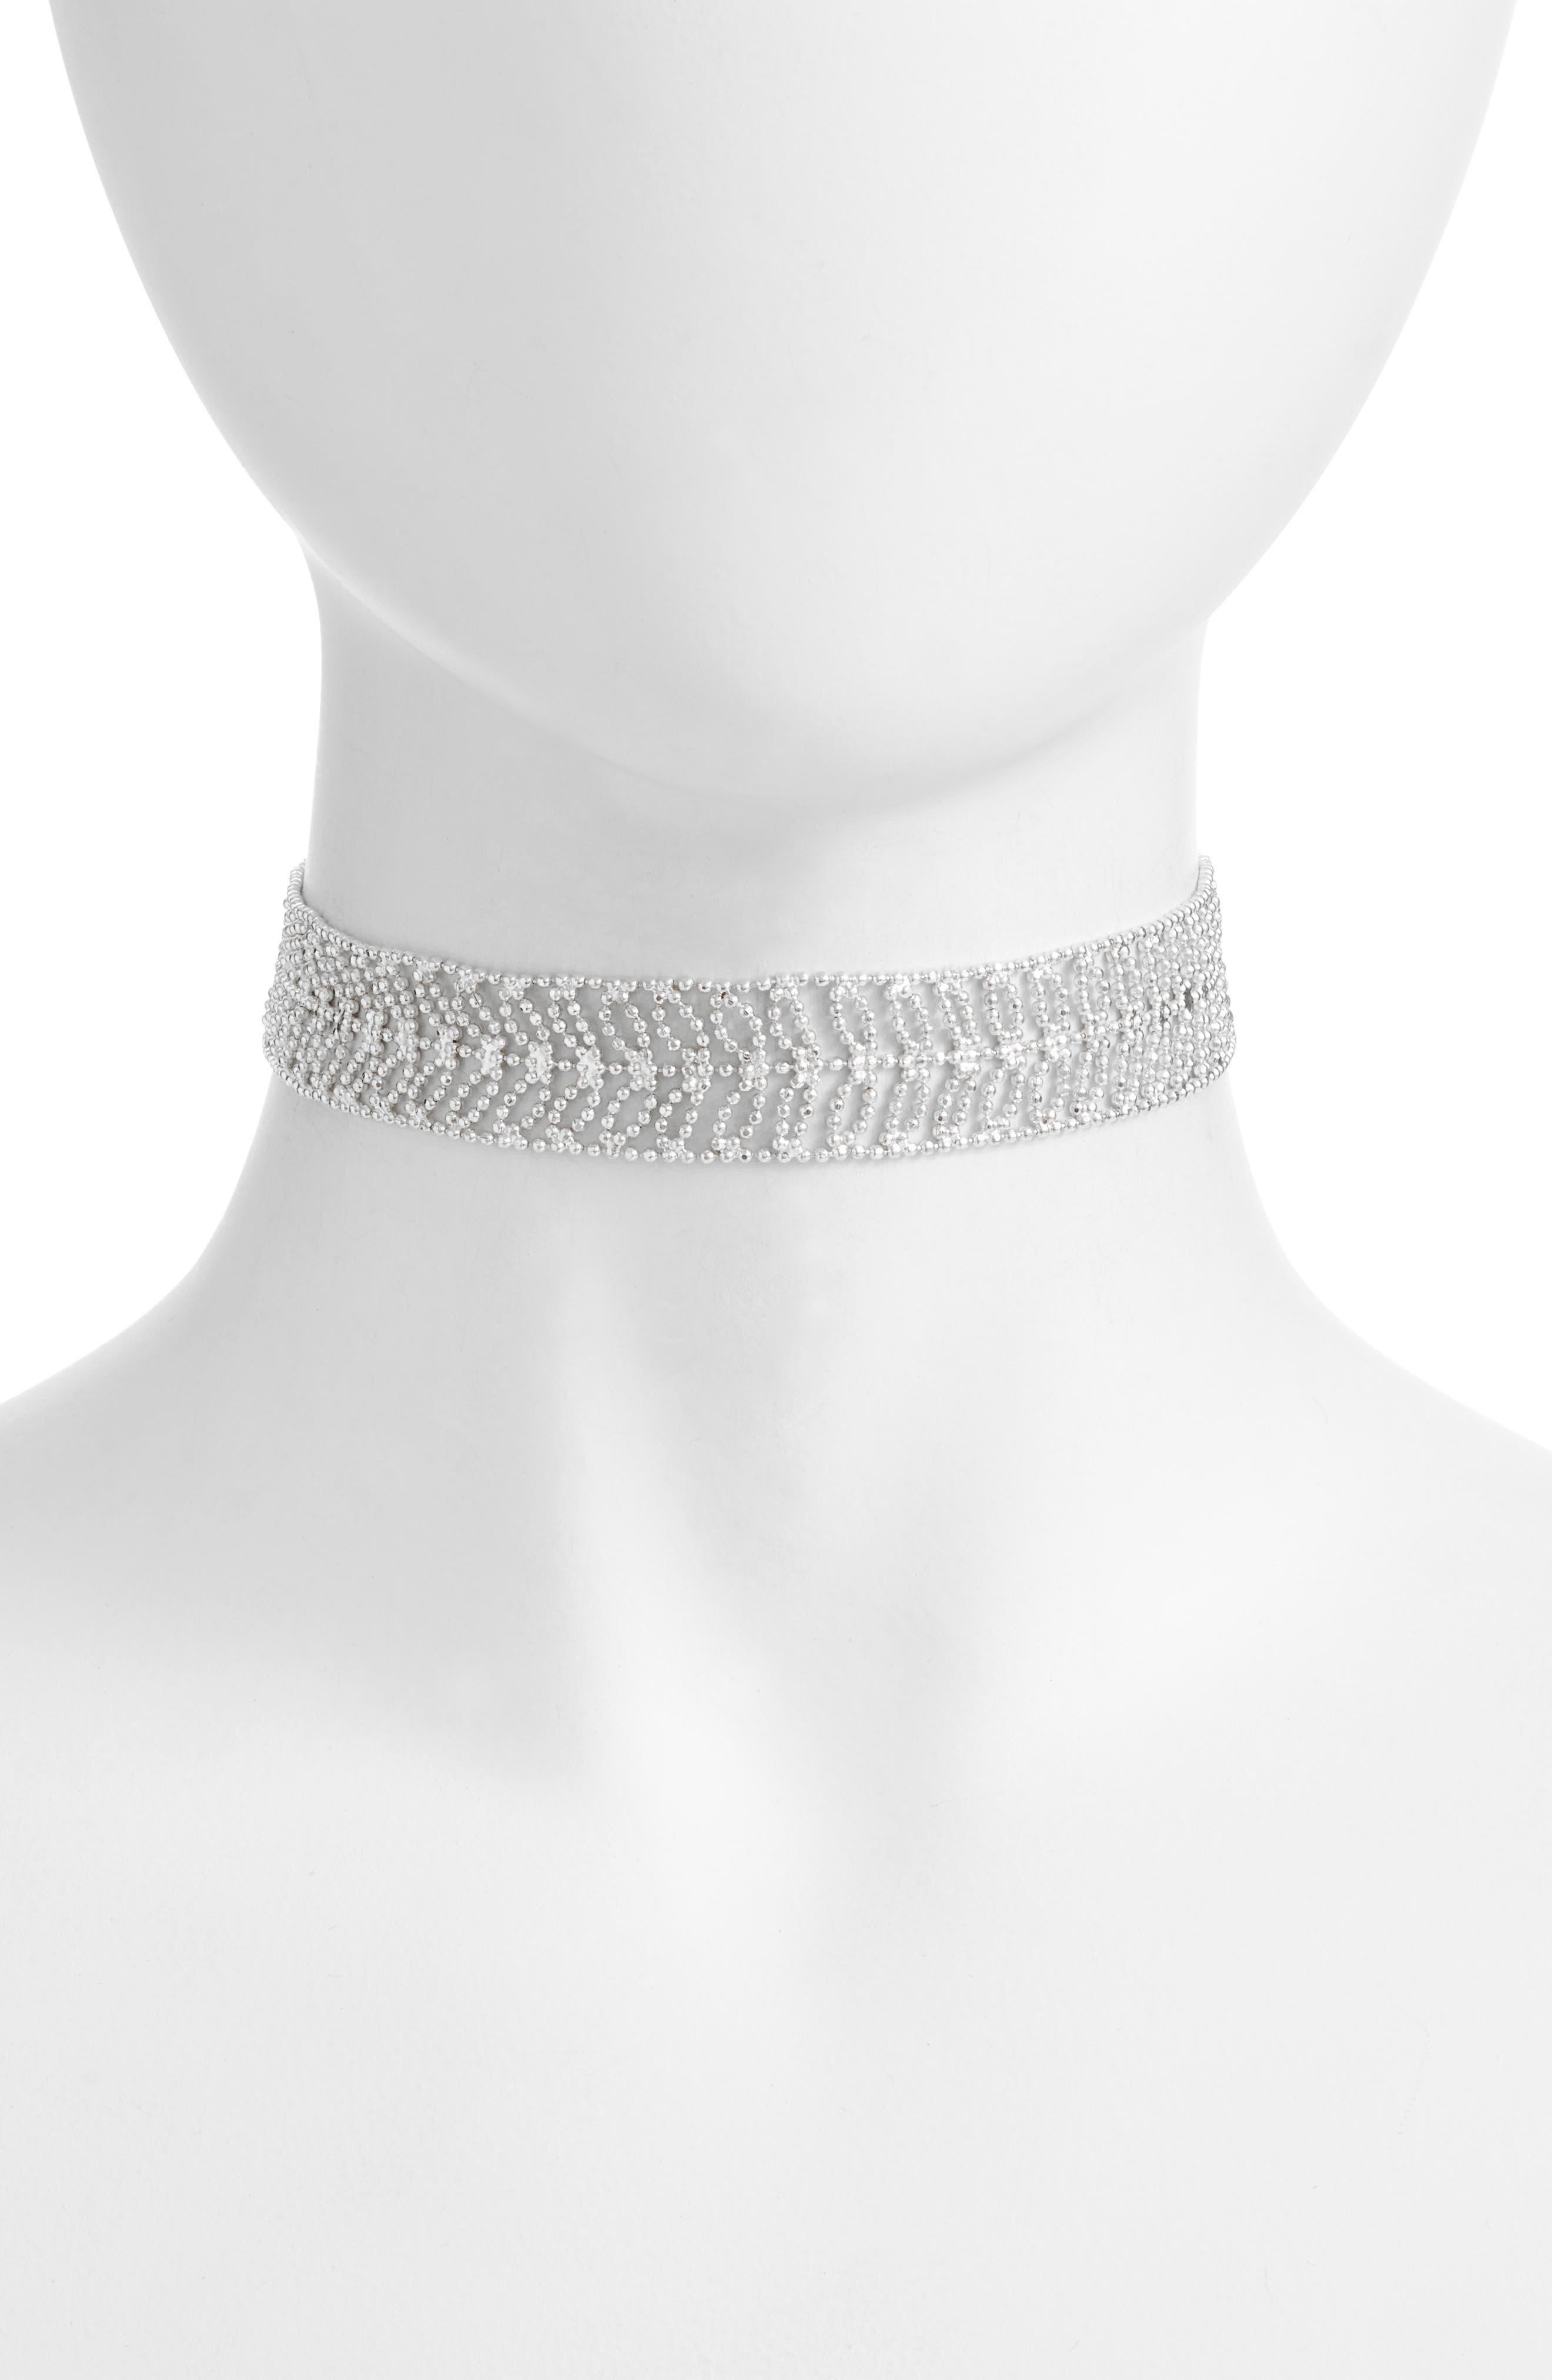 Danielle Nicole Elm Choker Necklace